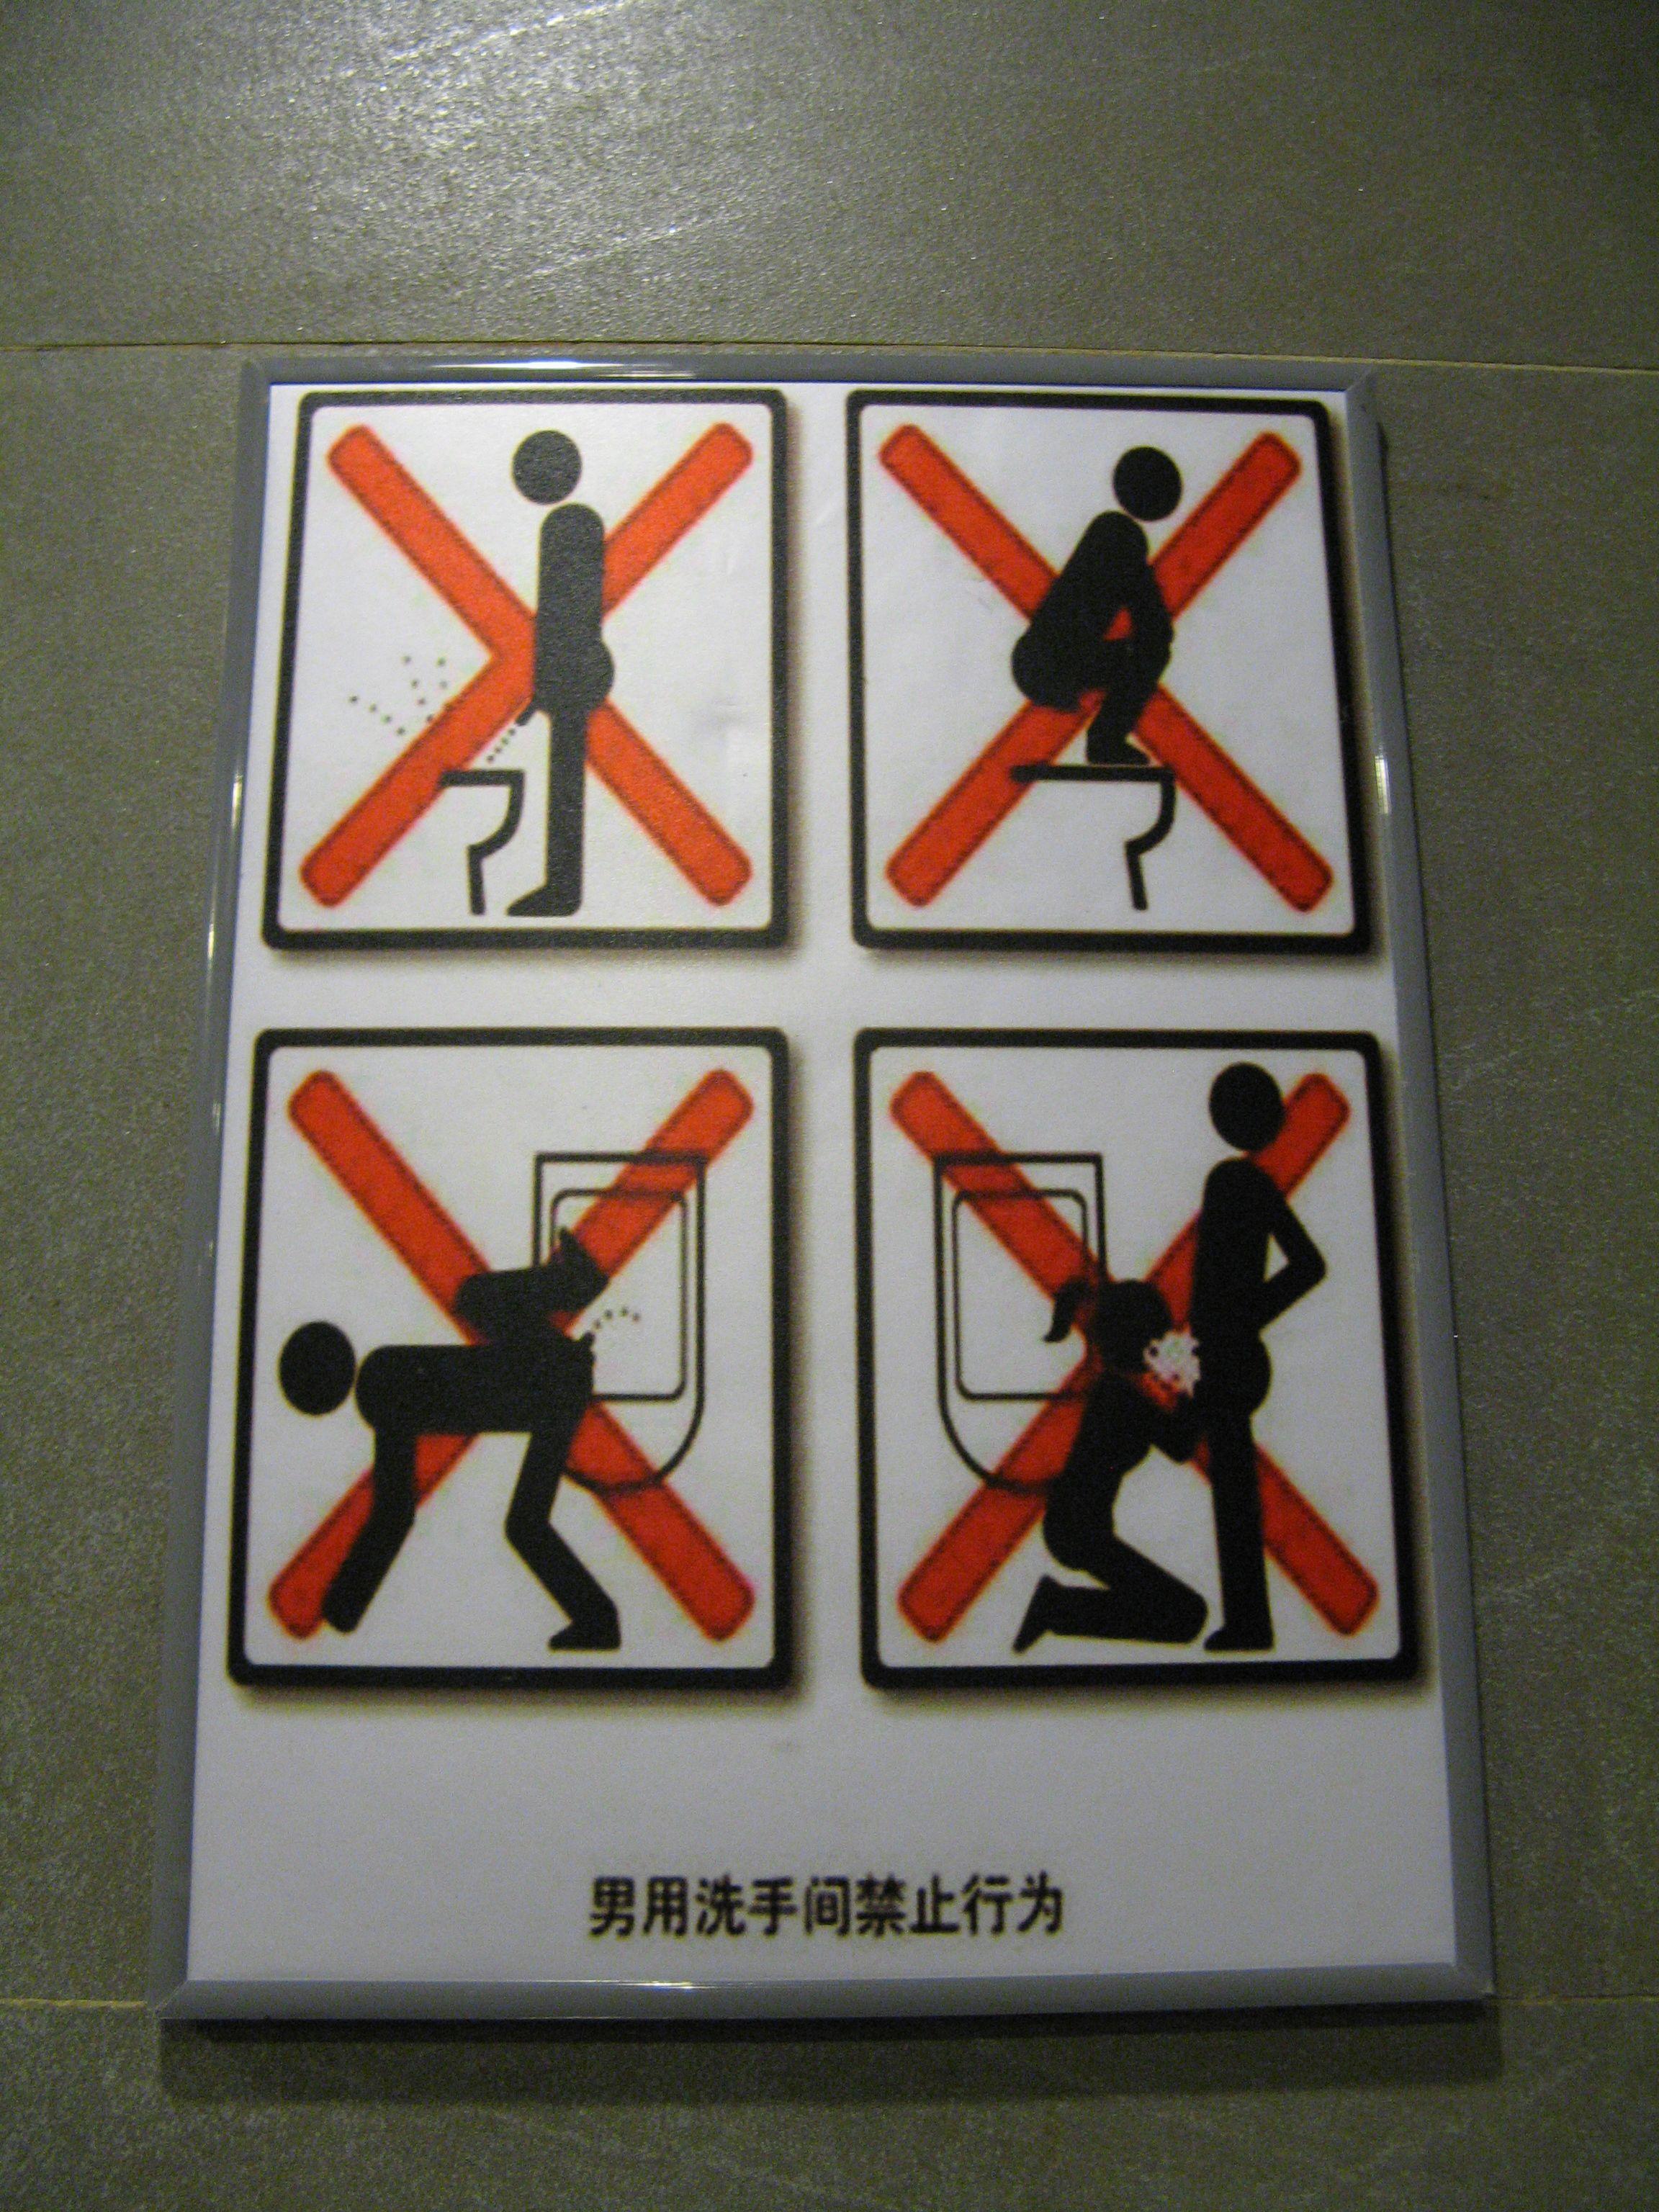 imagen graciosa de cartel en el baño